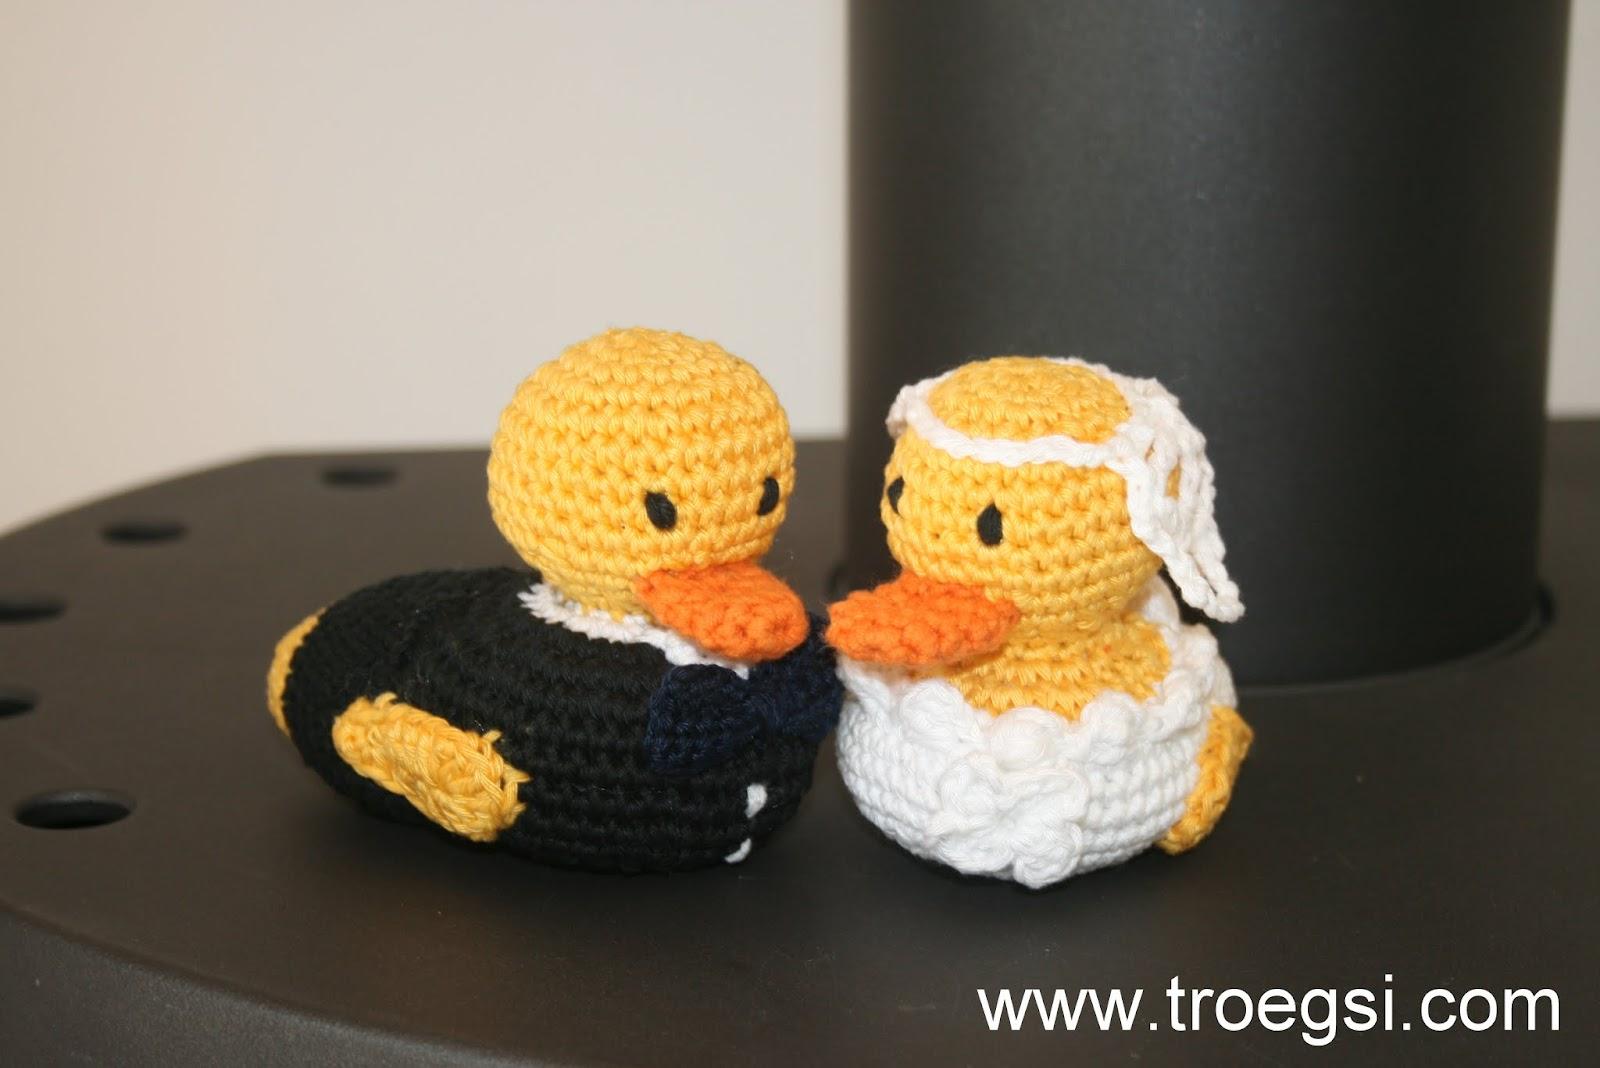 Troegsi Ente Gut Ehe Gut Ein Quietschvergnügtes Häkelerlebnis